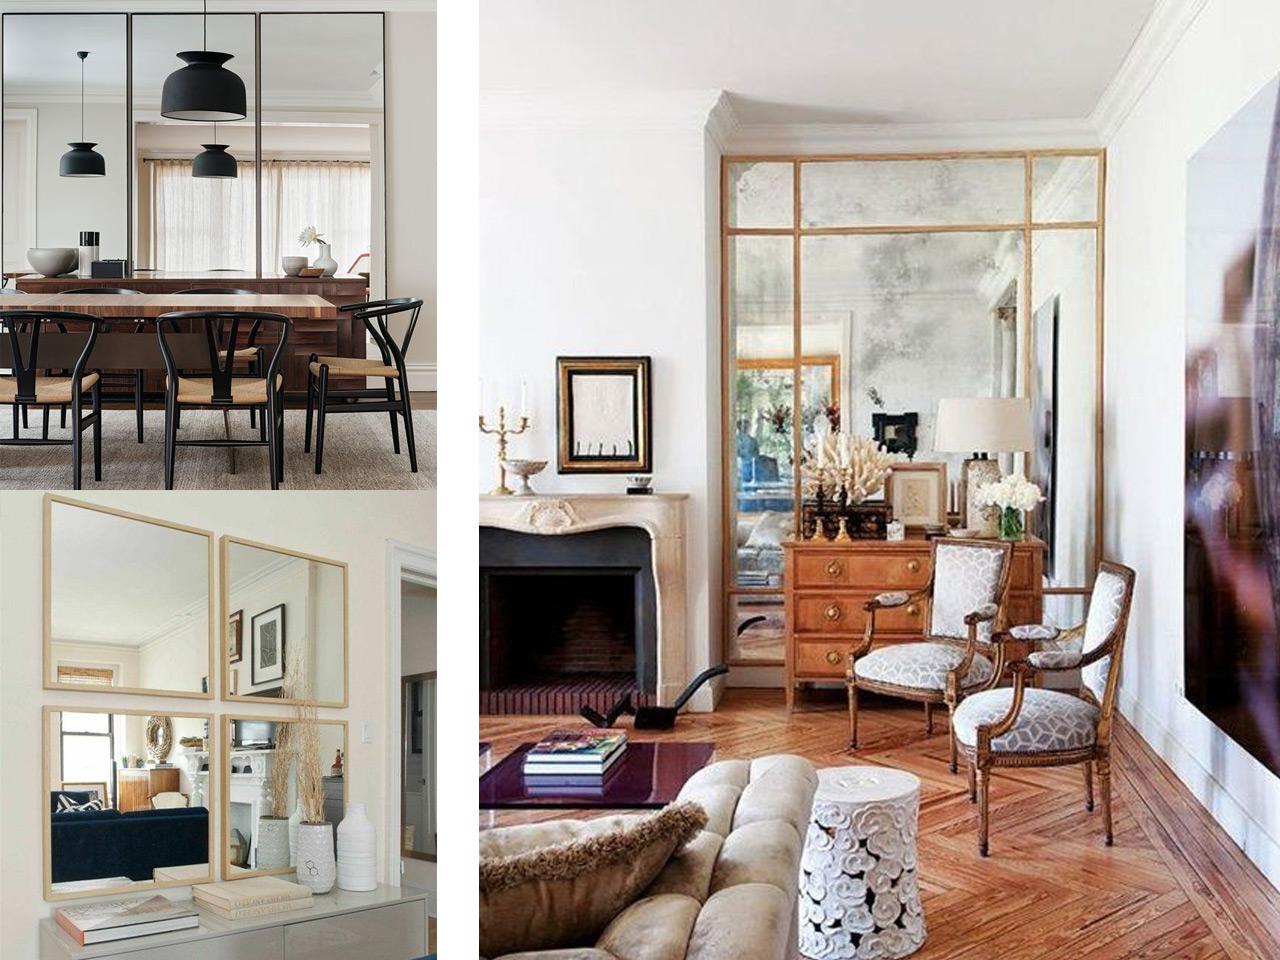 Inspiraci n para espacios abiertos y decoraci n loft - Trucos decoracion ...